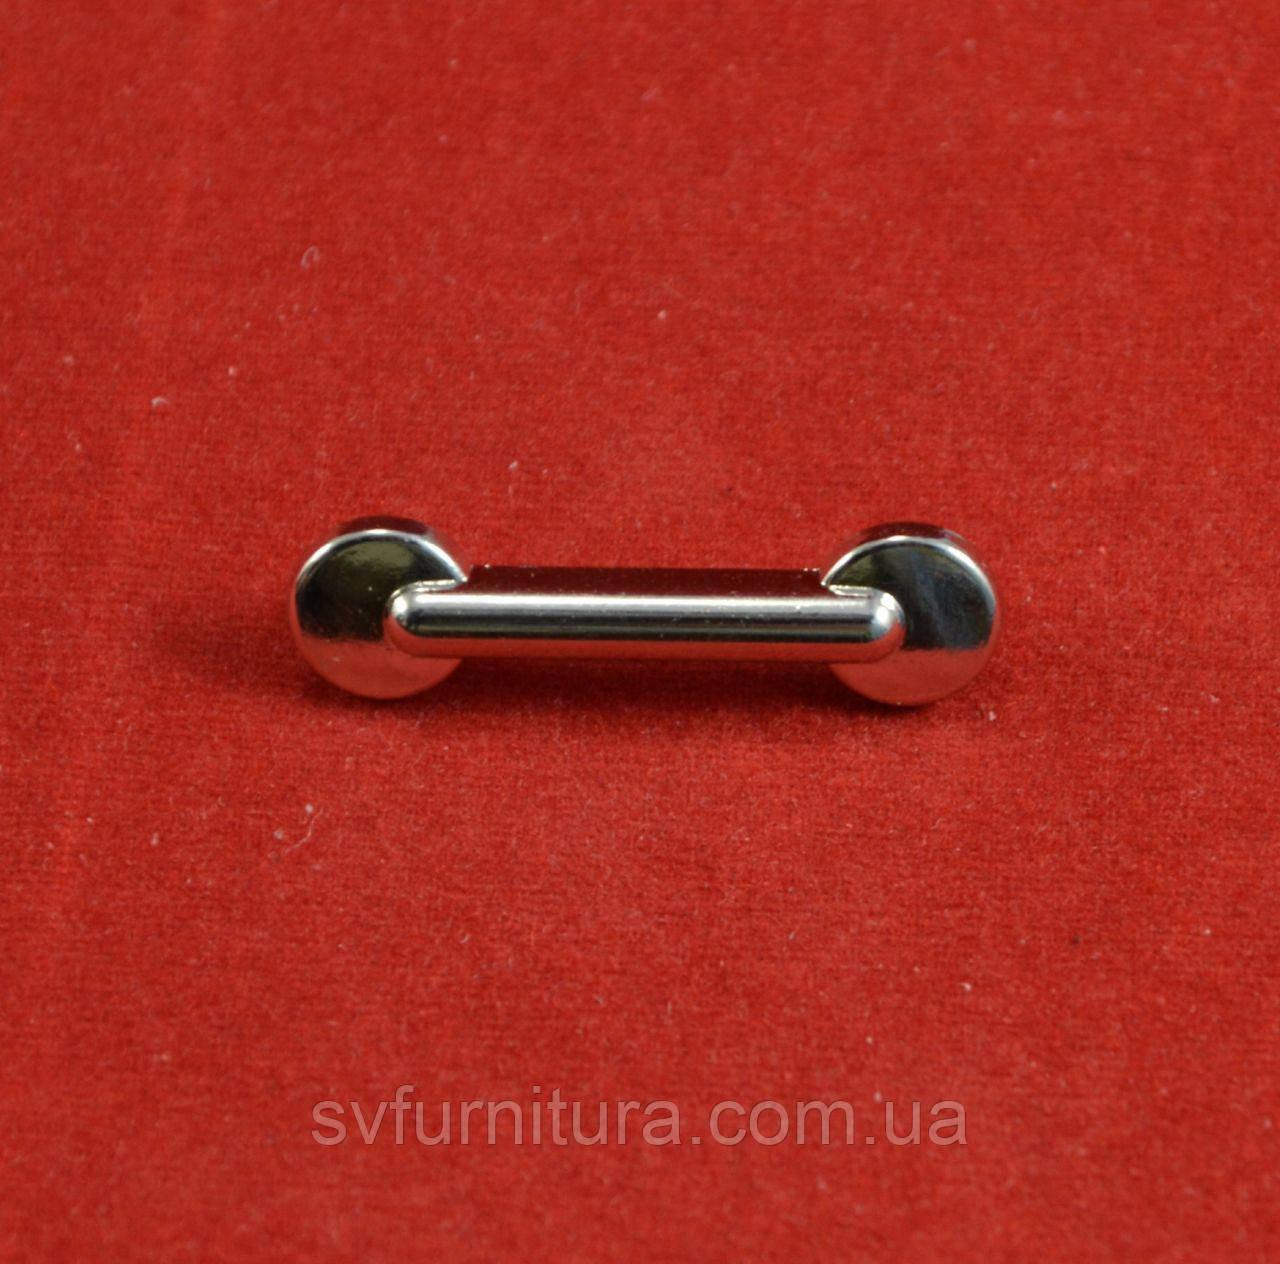 Металическая нашивка А 14738 серебро